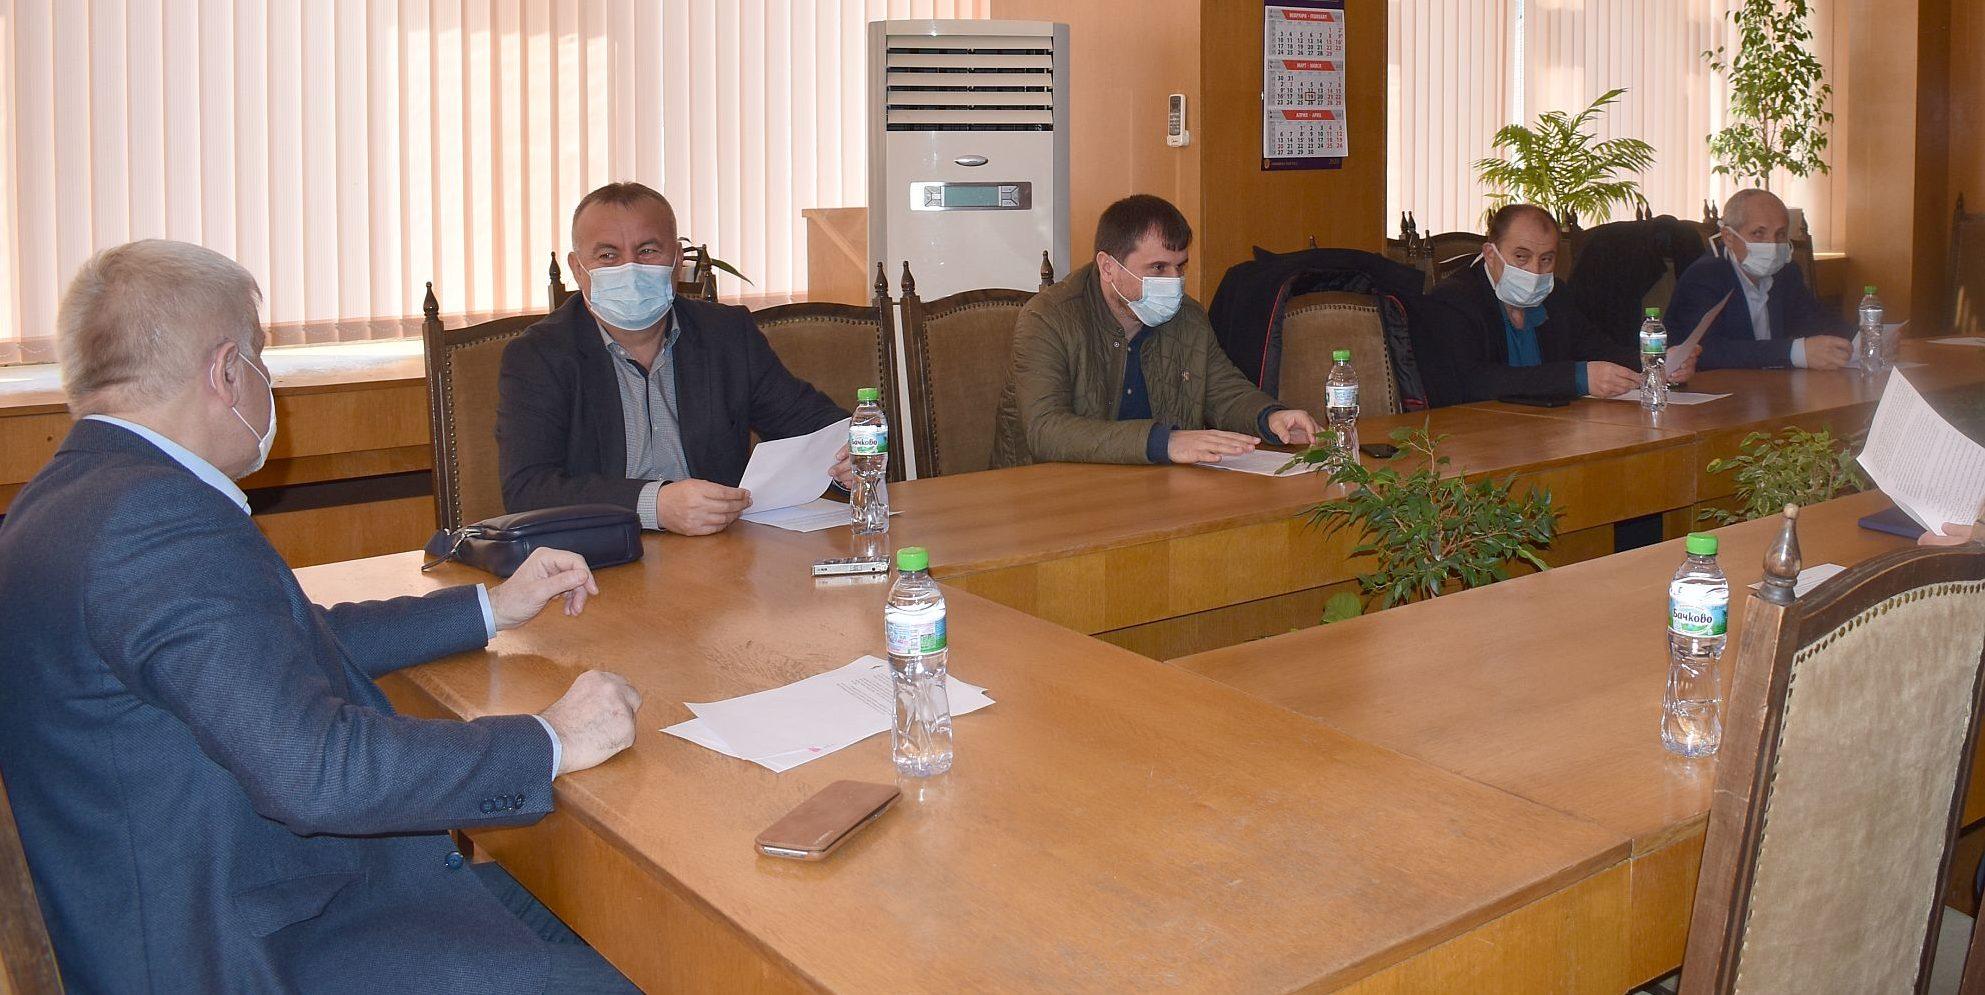 Кметът Денчо Бояджиев откри и ръководи заседание на  О� ...